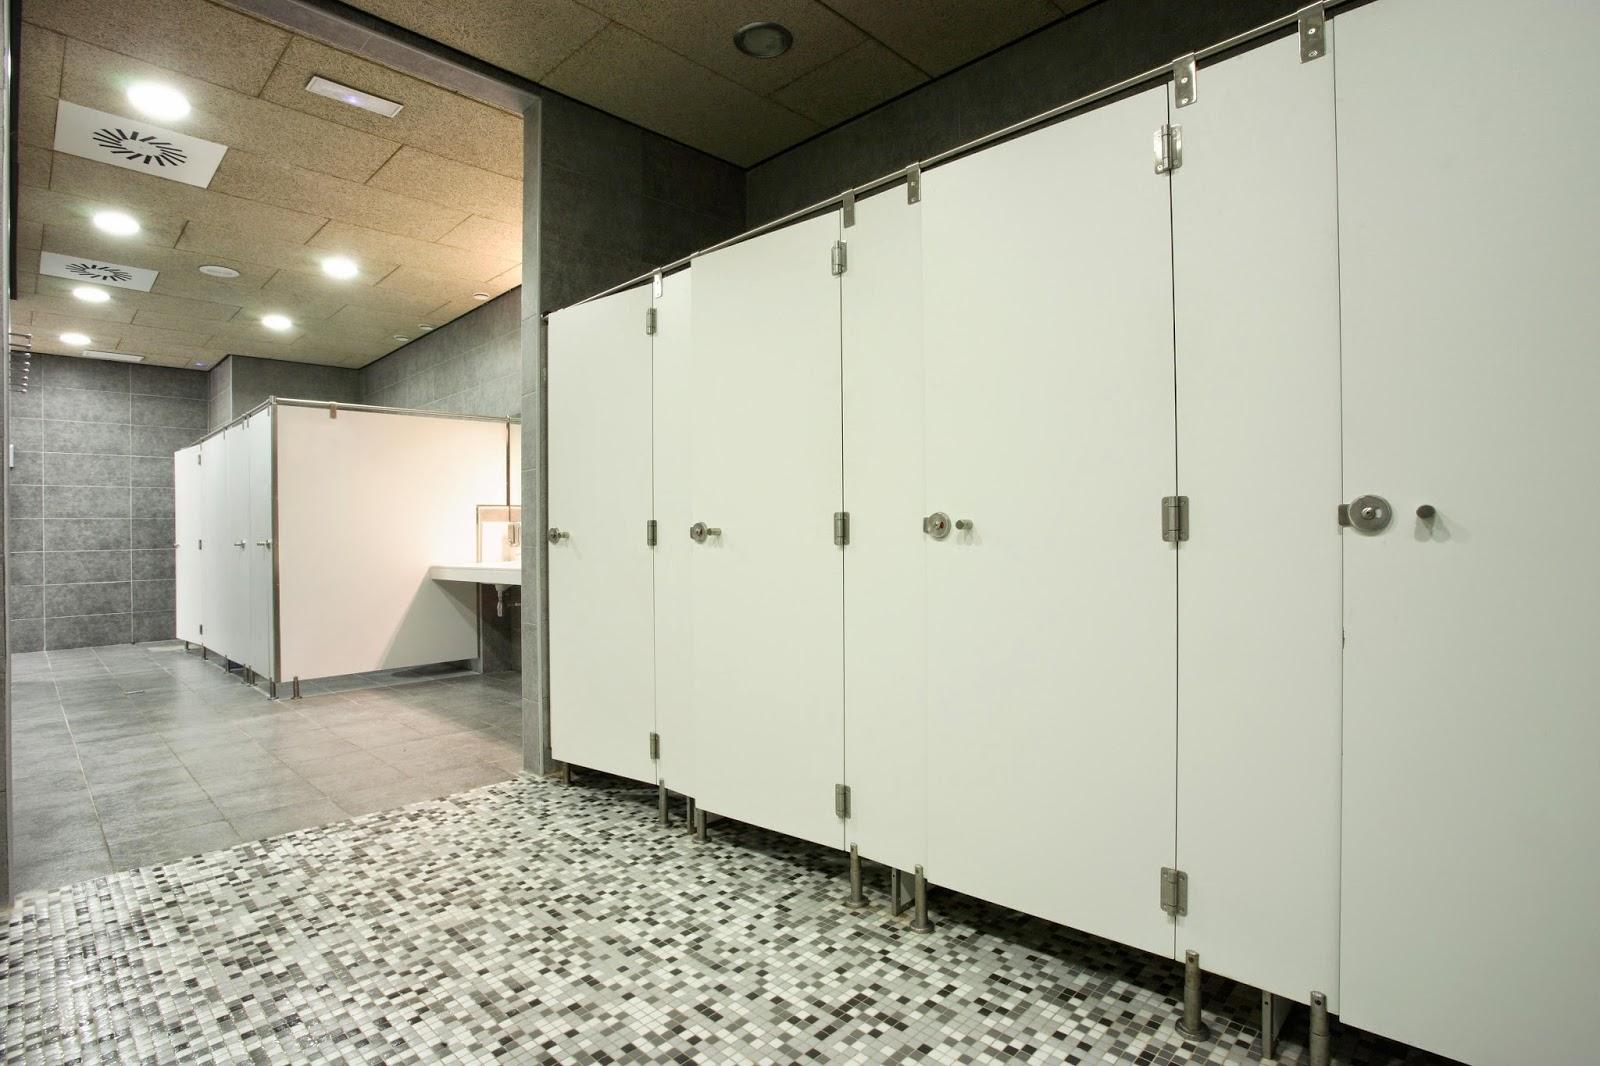 Cabinas fenolicas montaje de carpinteria eriste - Revestimientos de interiores ...